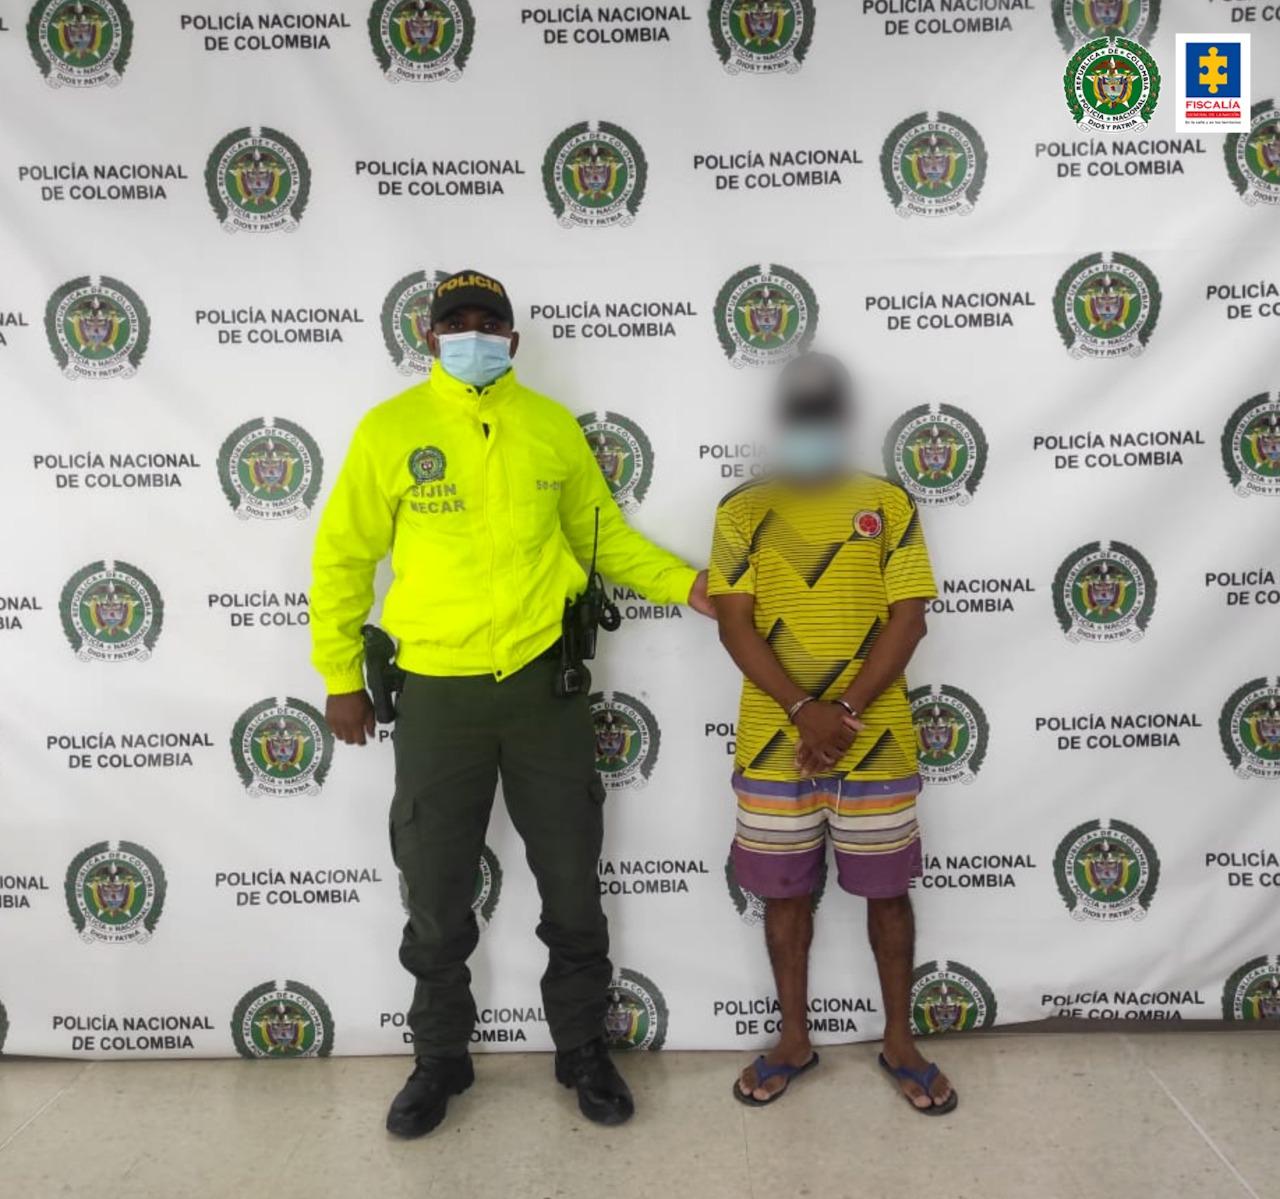 A prisión hombre que habría abusado de una menor de 8 años en Cartagena - Noticias de Colombia